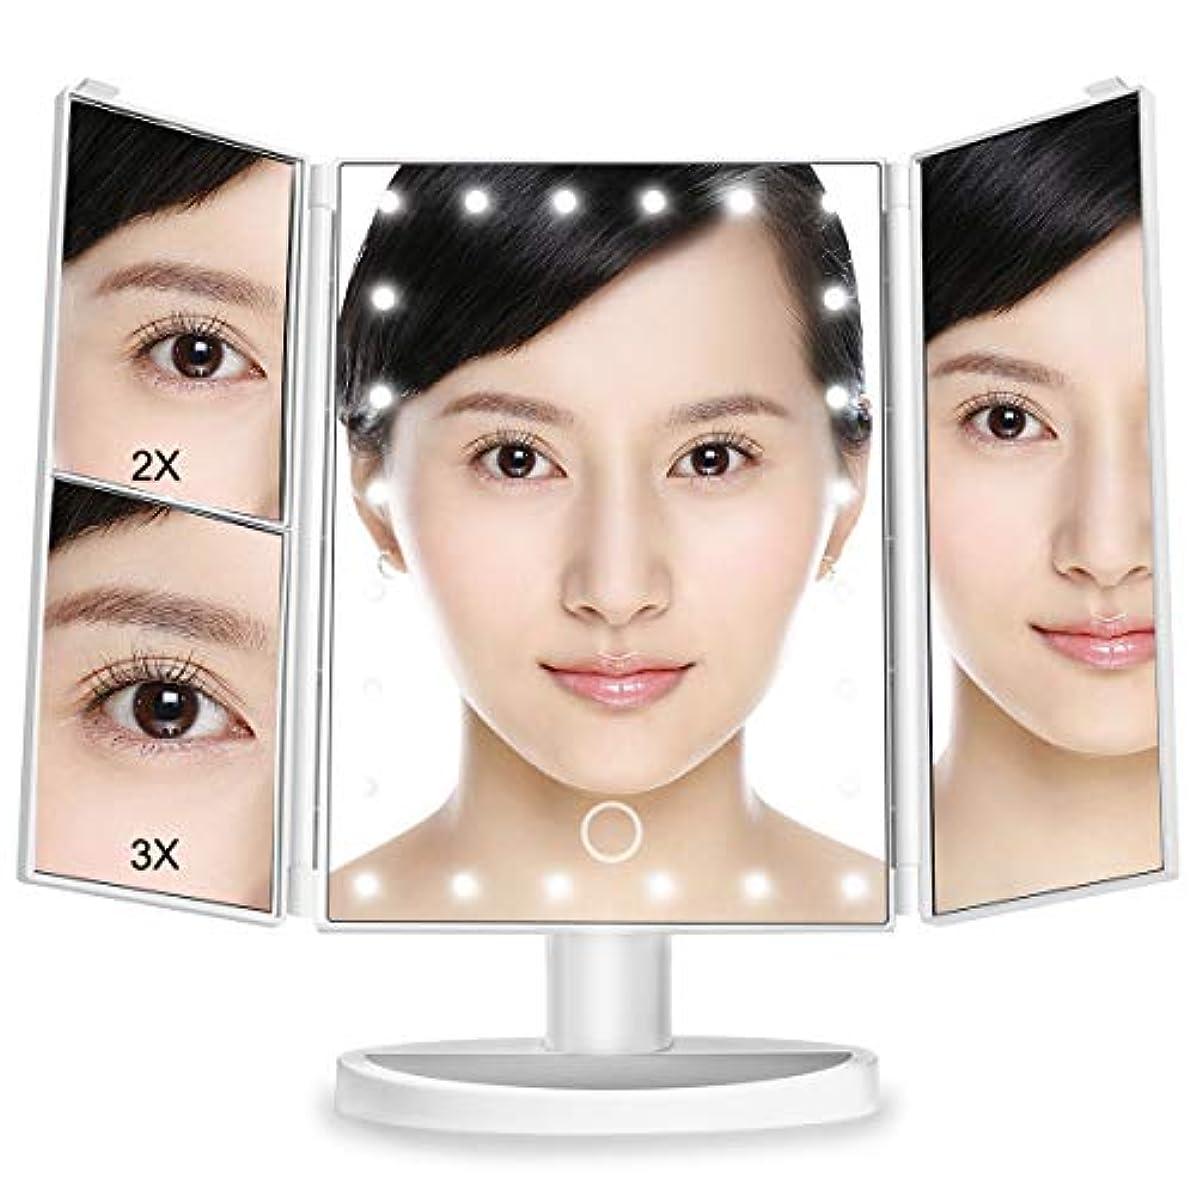 抑圧者厚さがんばり続ける女優ミラー 三面鏡 鏡 led 卓上鏡 化粧鏡 化粧ミラー 鏡 折りたたみ式 ledライト付き 明るさ調整可能 2&3倍拡大鏡付 180 °回転 電池&USB 2WAY給電